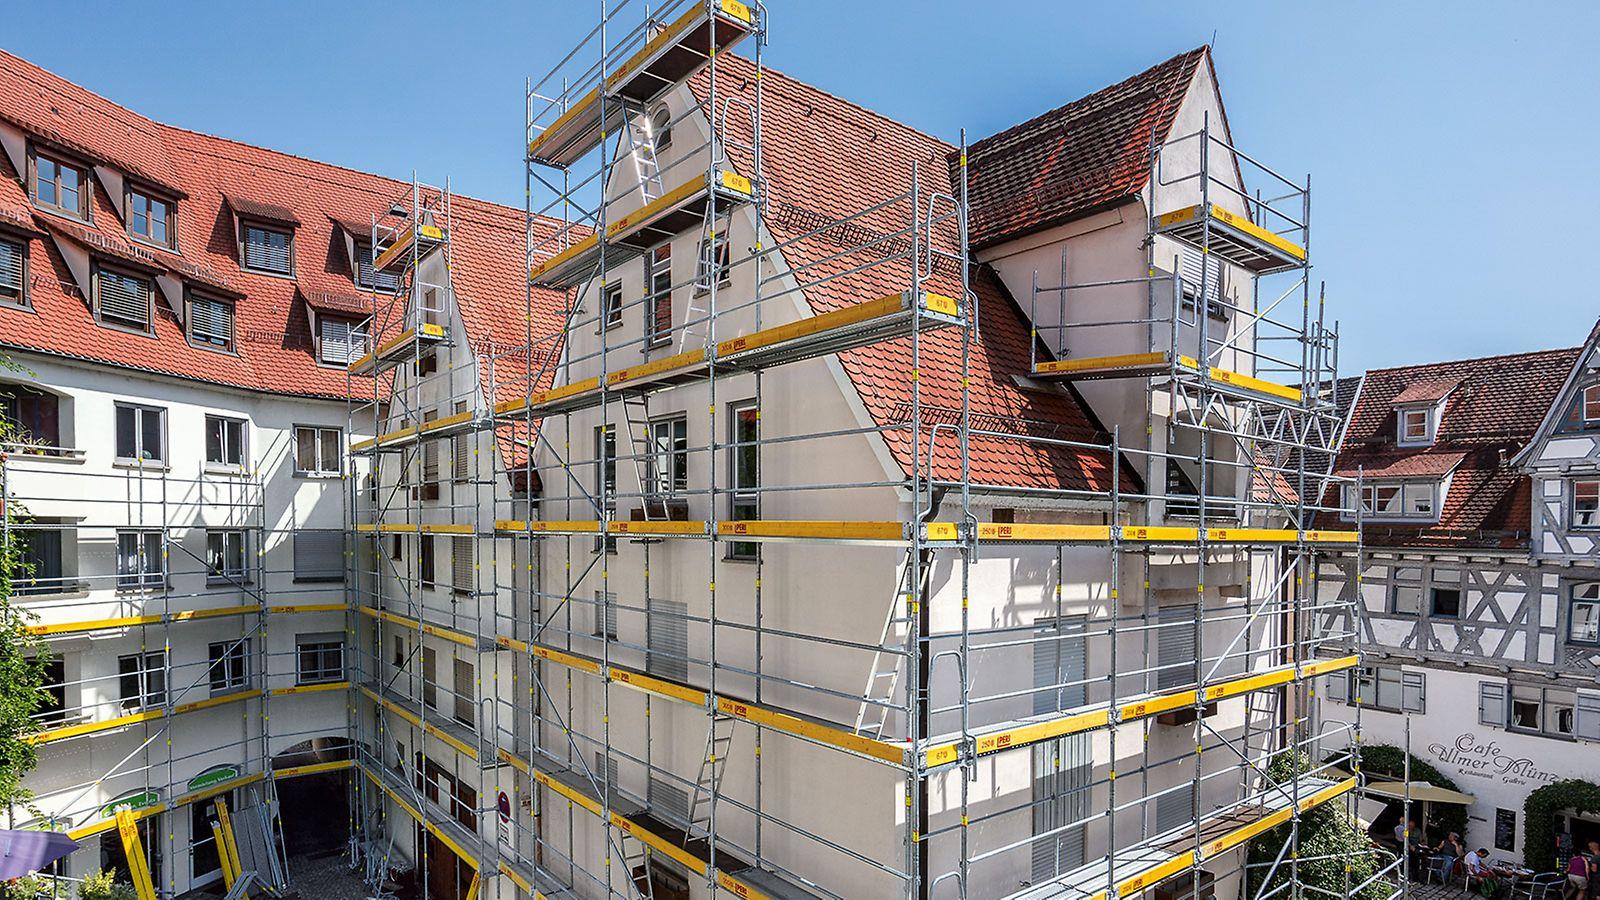 PERI UP Easy wurde der Öffentlichkeit erstmals auf der bauma 2016 vorgestellt. Seitdem hat sich das schnelle und sichere Fassadengerüst im Markt etabliert, diverse neue Bauteile machen das System noch vielseitiger.